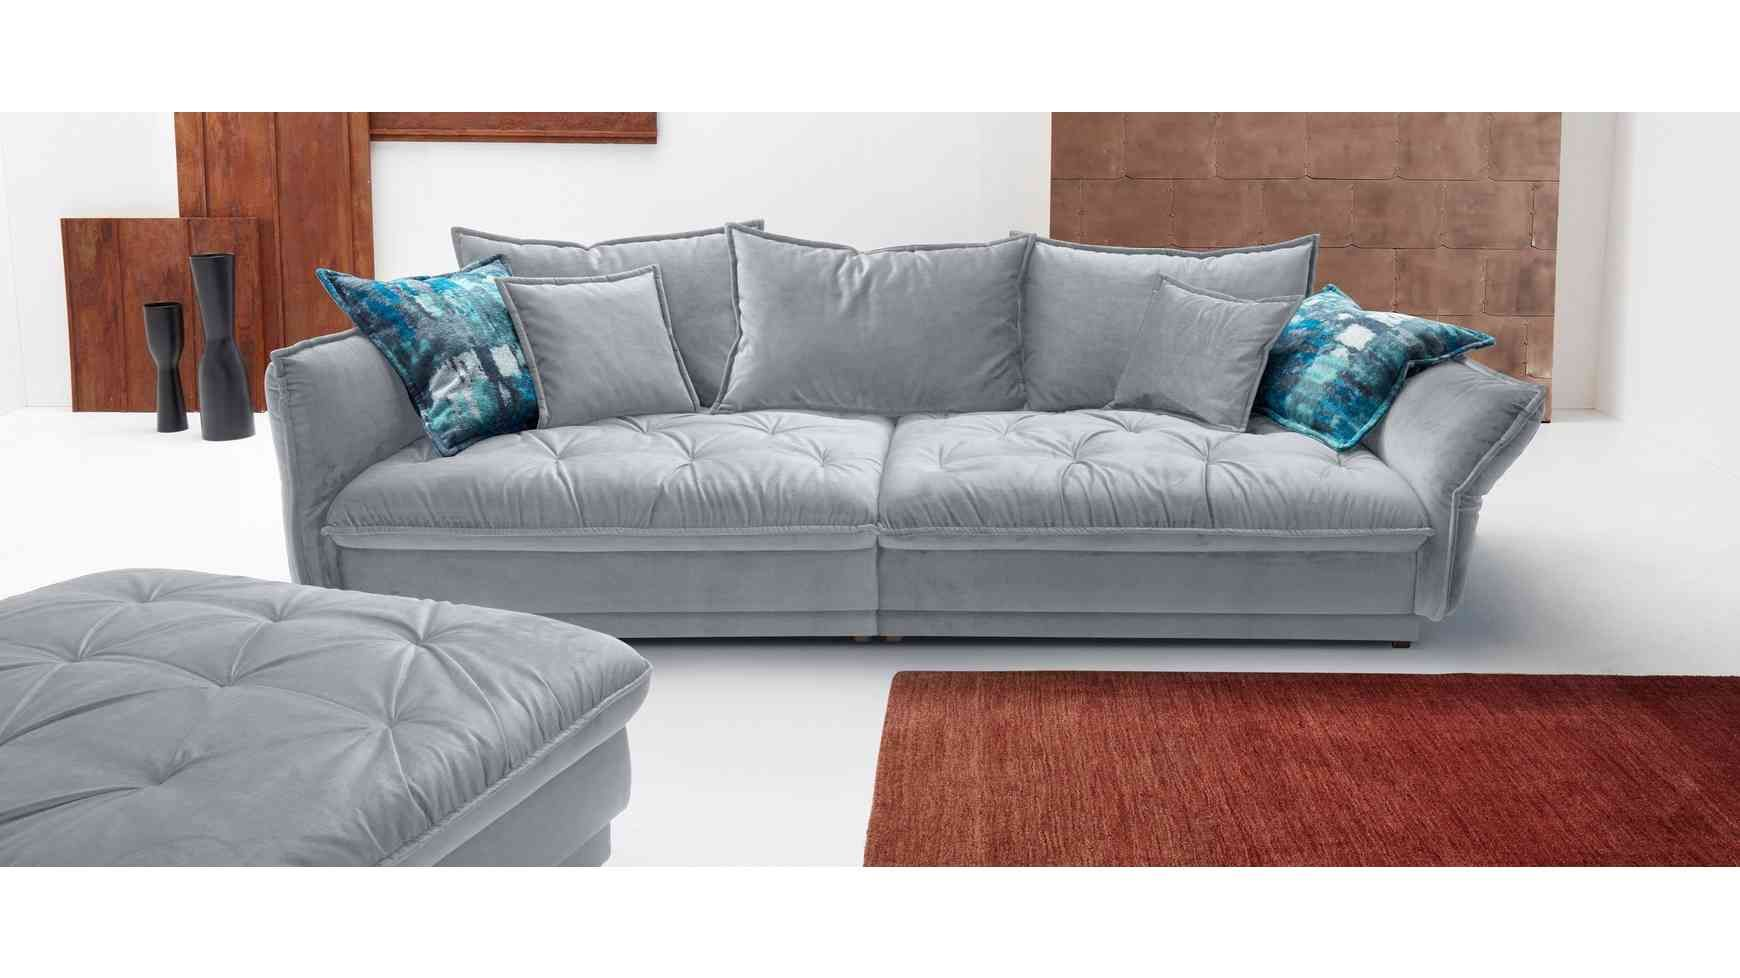 Inosign Sitzecke Lila Xl Recamiere Links Inklusive Loser Zier Und Ruckenkissen Fsc Zertifiziert Jetzt Bestellen Unter Https Ecksofas Sofa Wohnzimmer Sofa